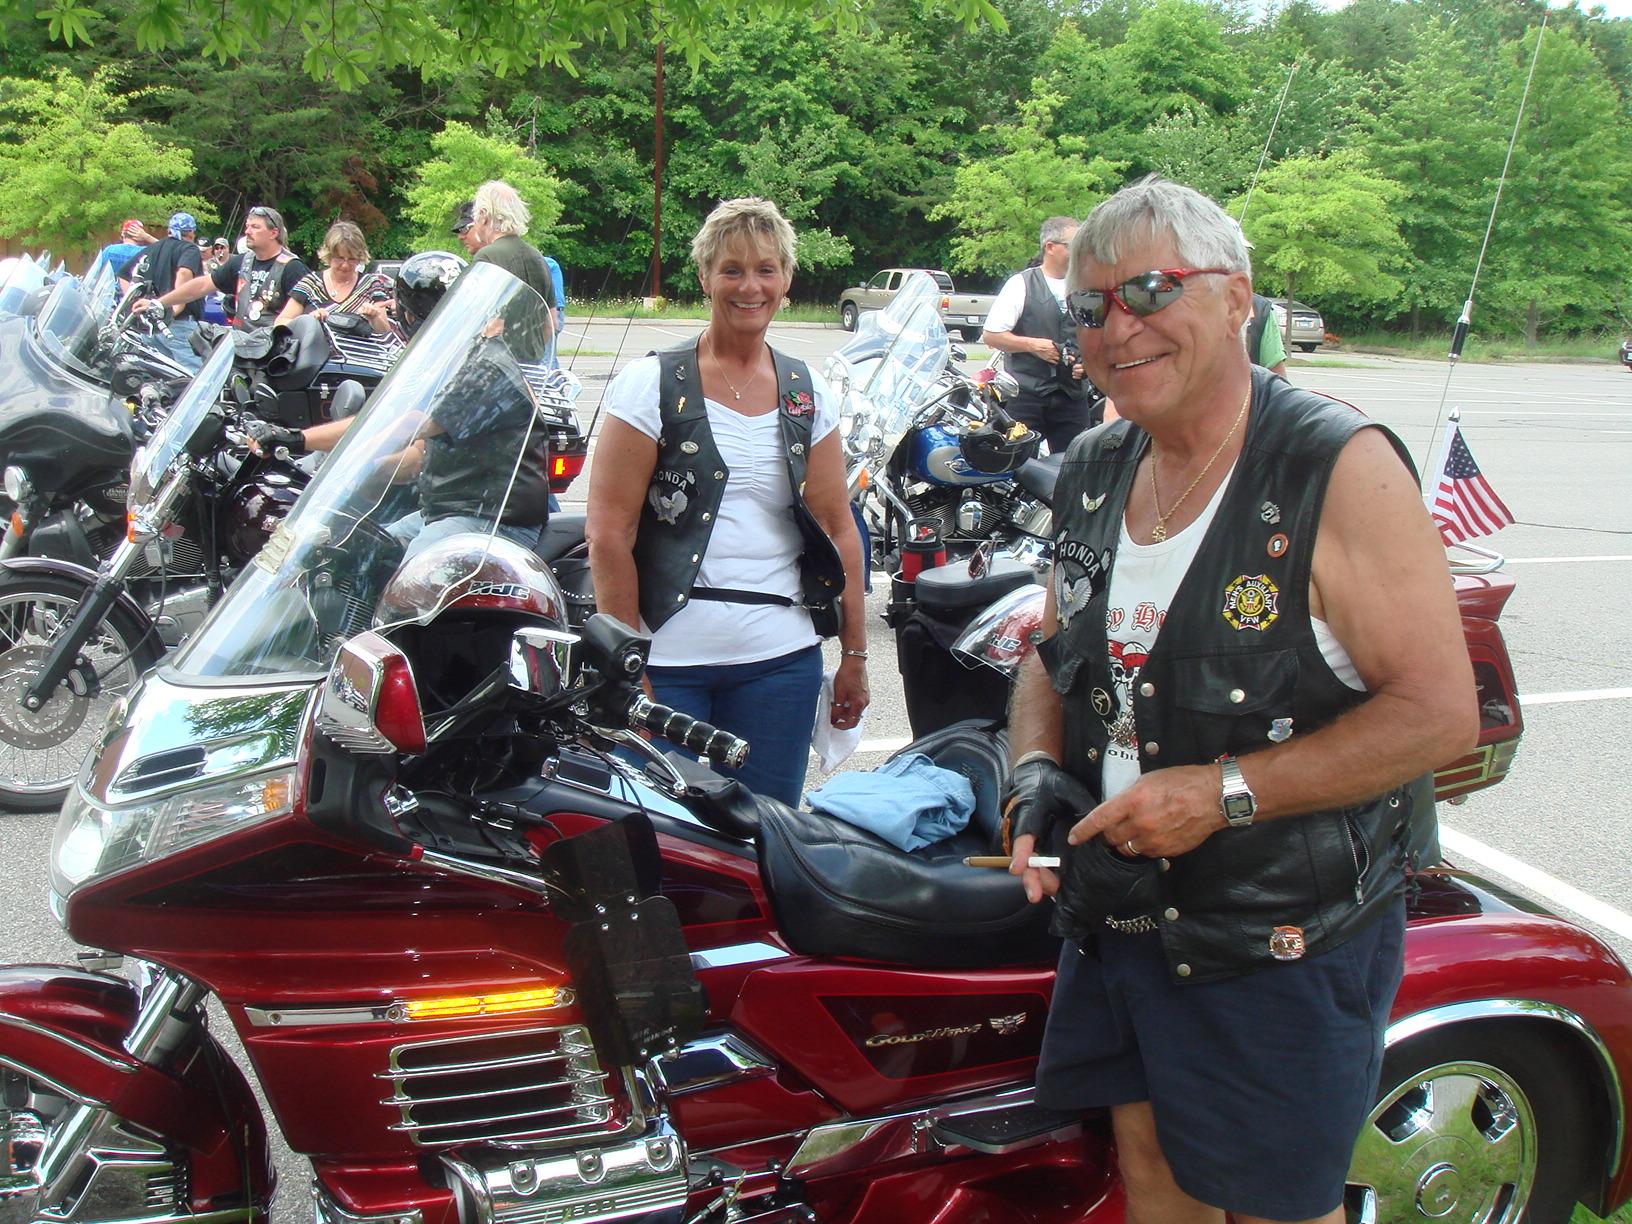 Marv & Connie, Brookville Ohio